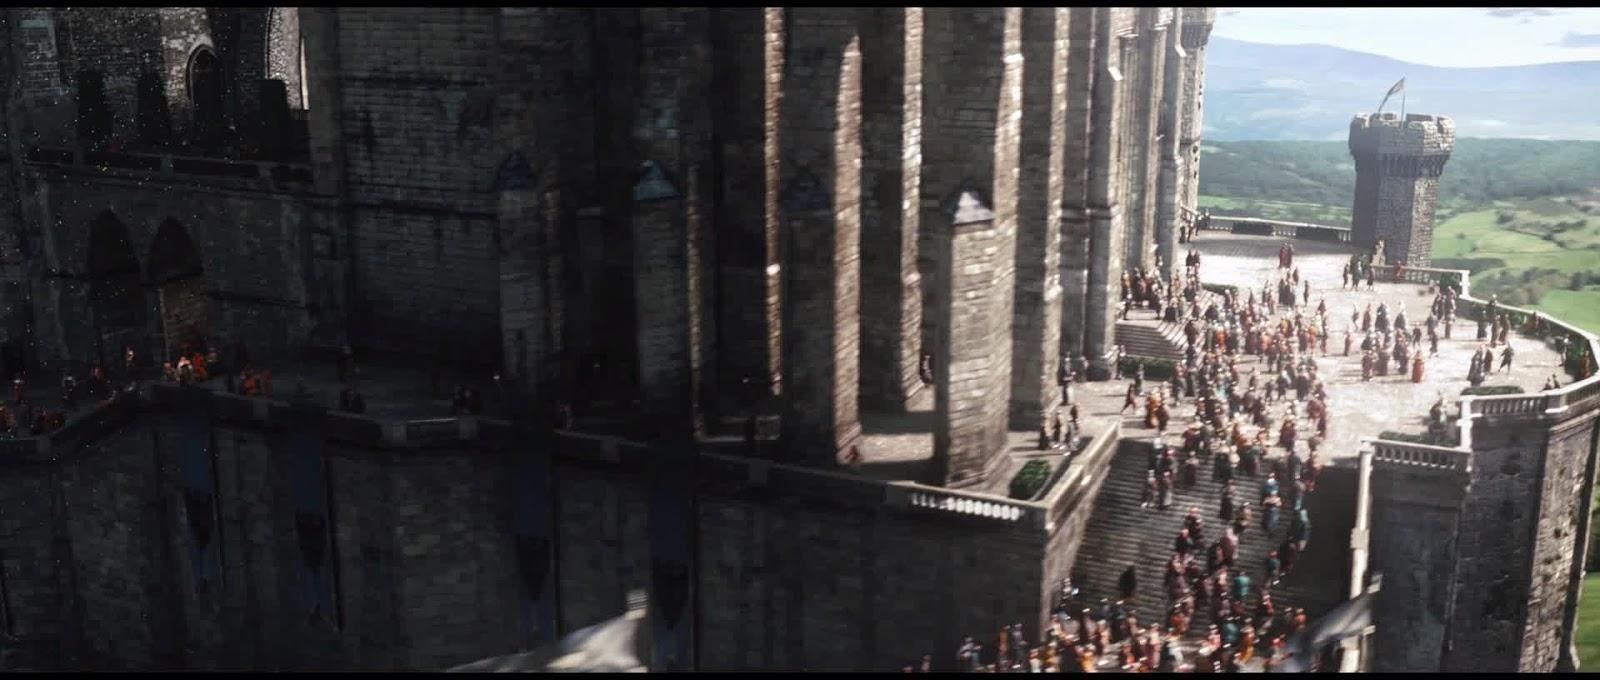 Maleficent Movie Trailer Captures